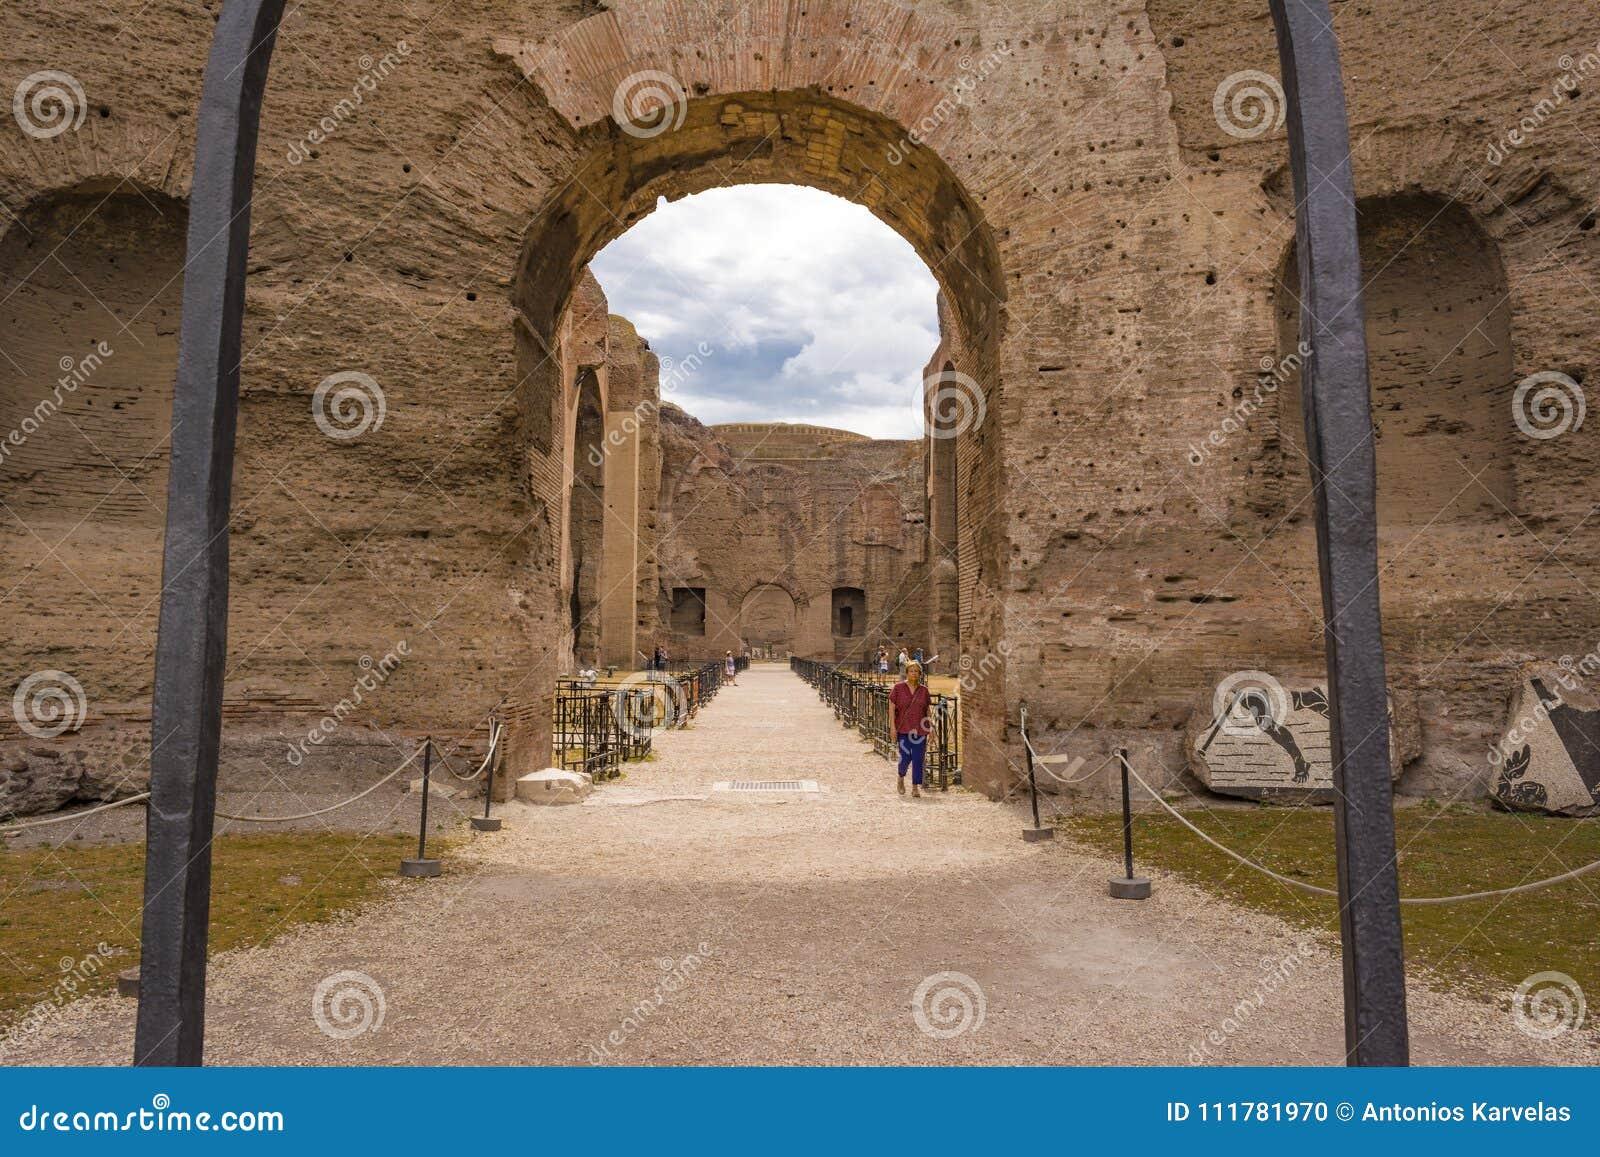 Ruins of the Baths of Caracalla - Terme di Caracalla